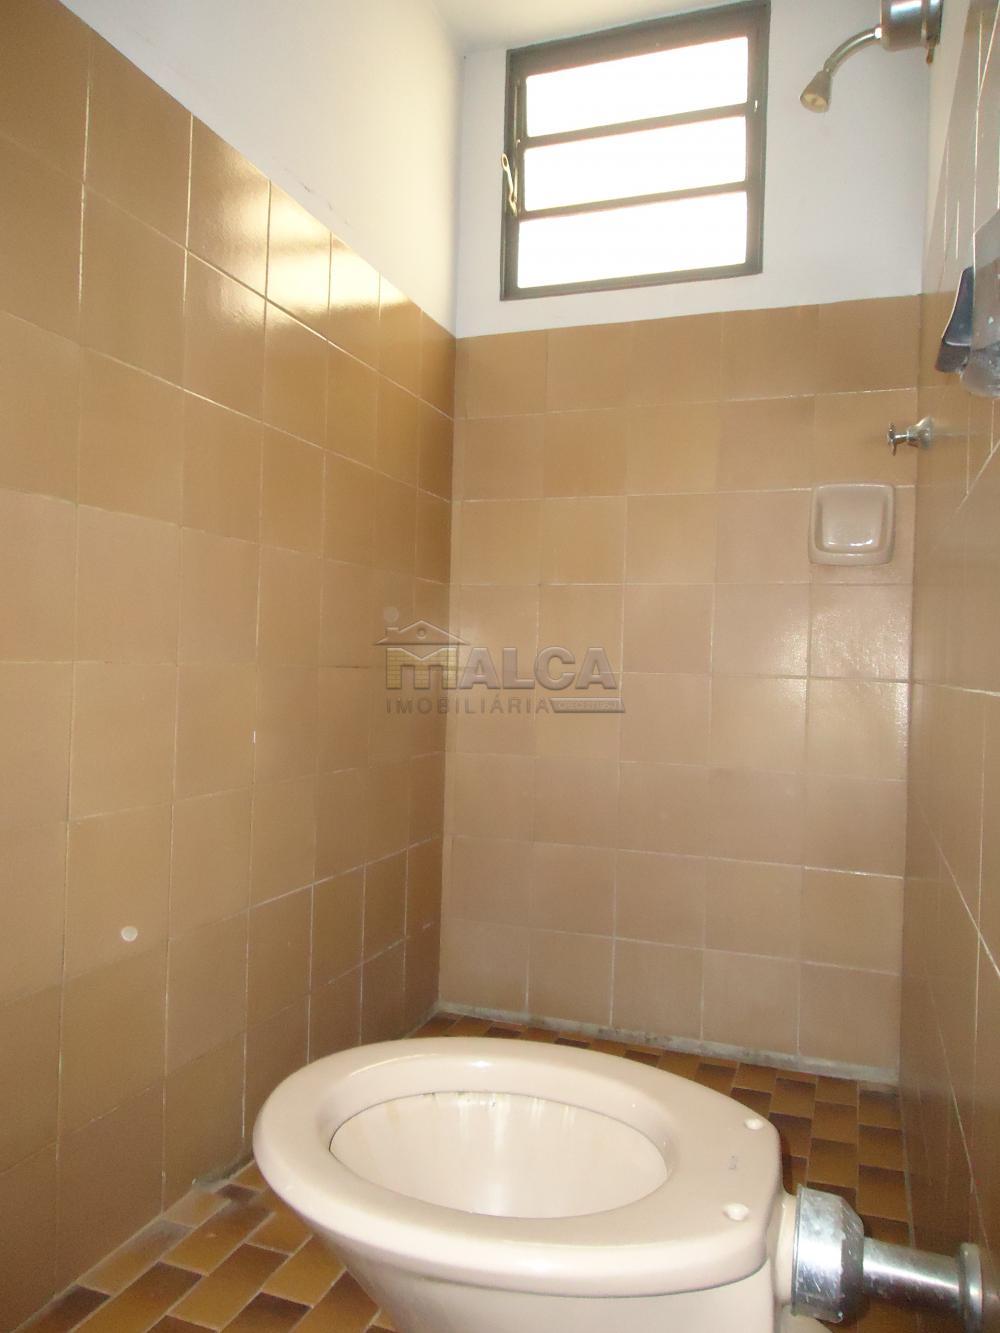 Alugar Casas / Padrão em São José do Rio Pardo apenas R$ 5.500,00 - Foto 59